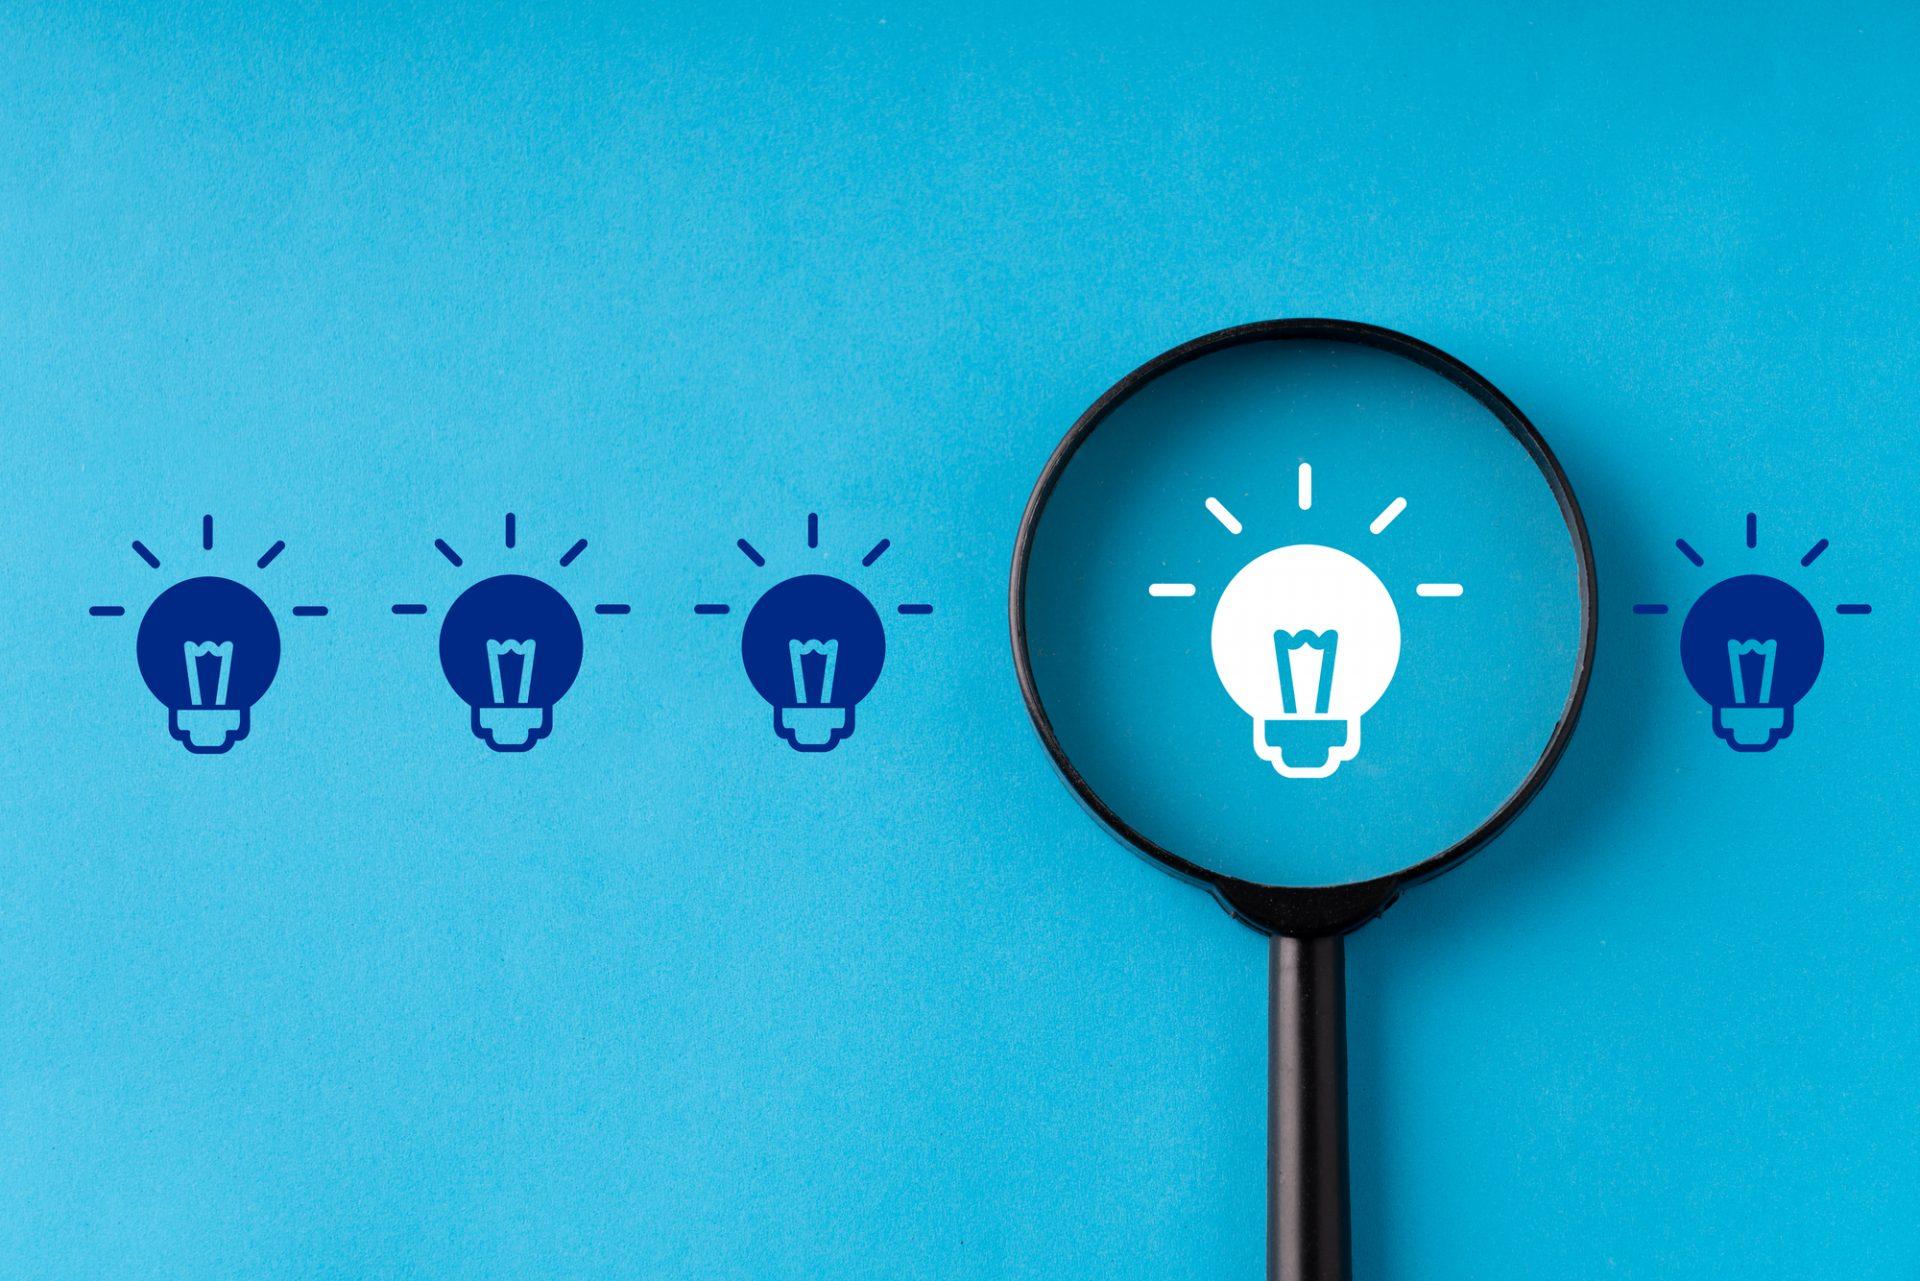 経営者と事業責任者必見!なぜEC事業者や新規ビジネスは失敗するのか?